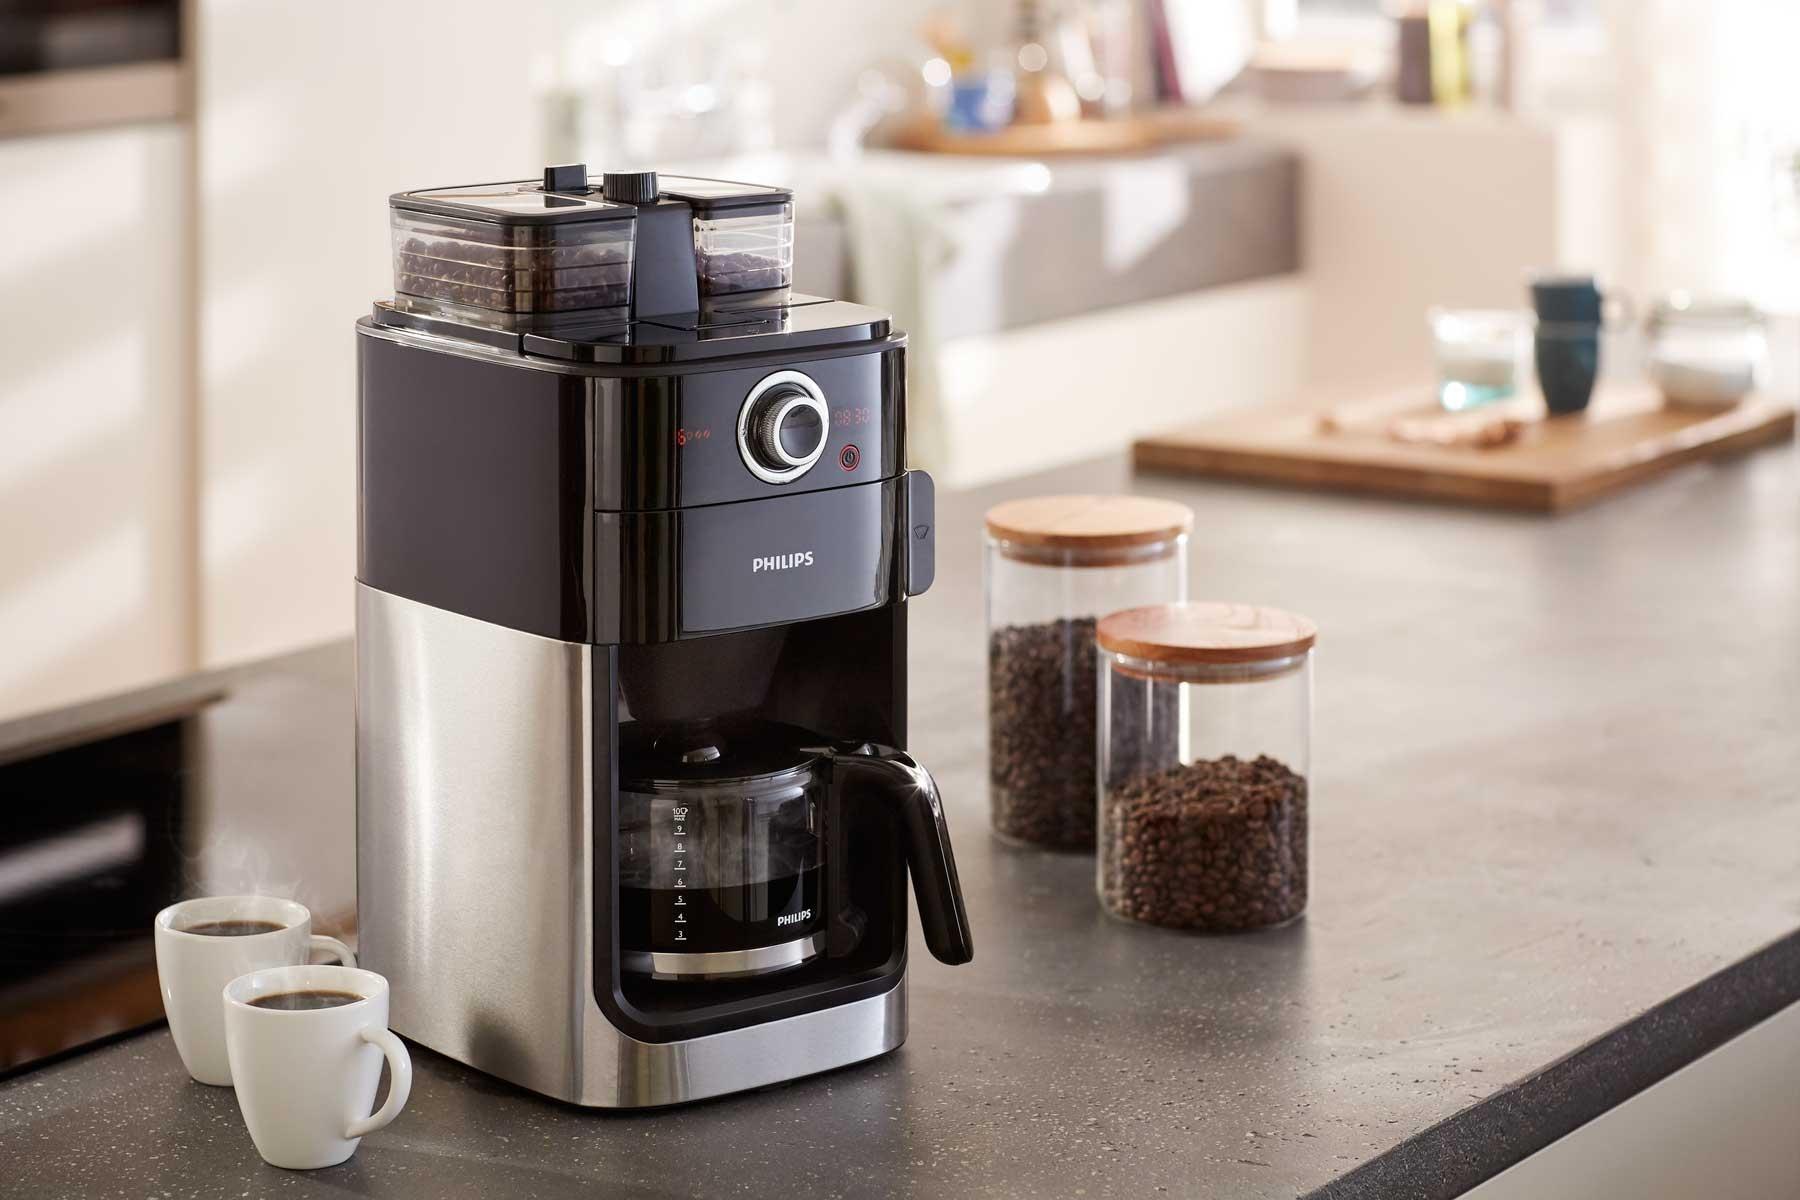 приобретение кофеварки для дома